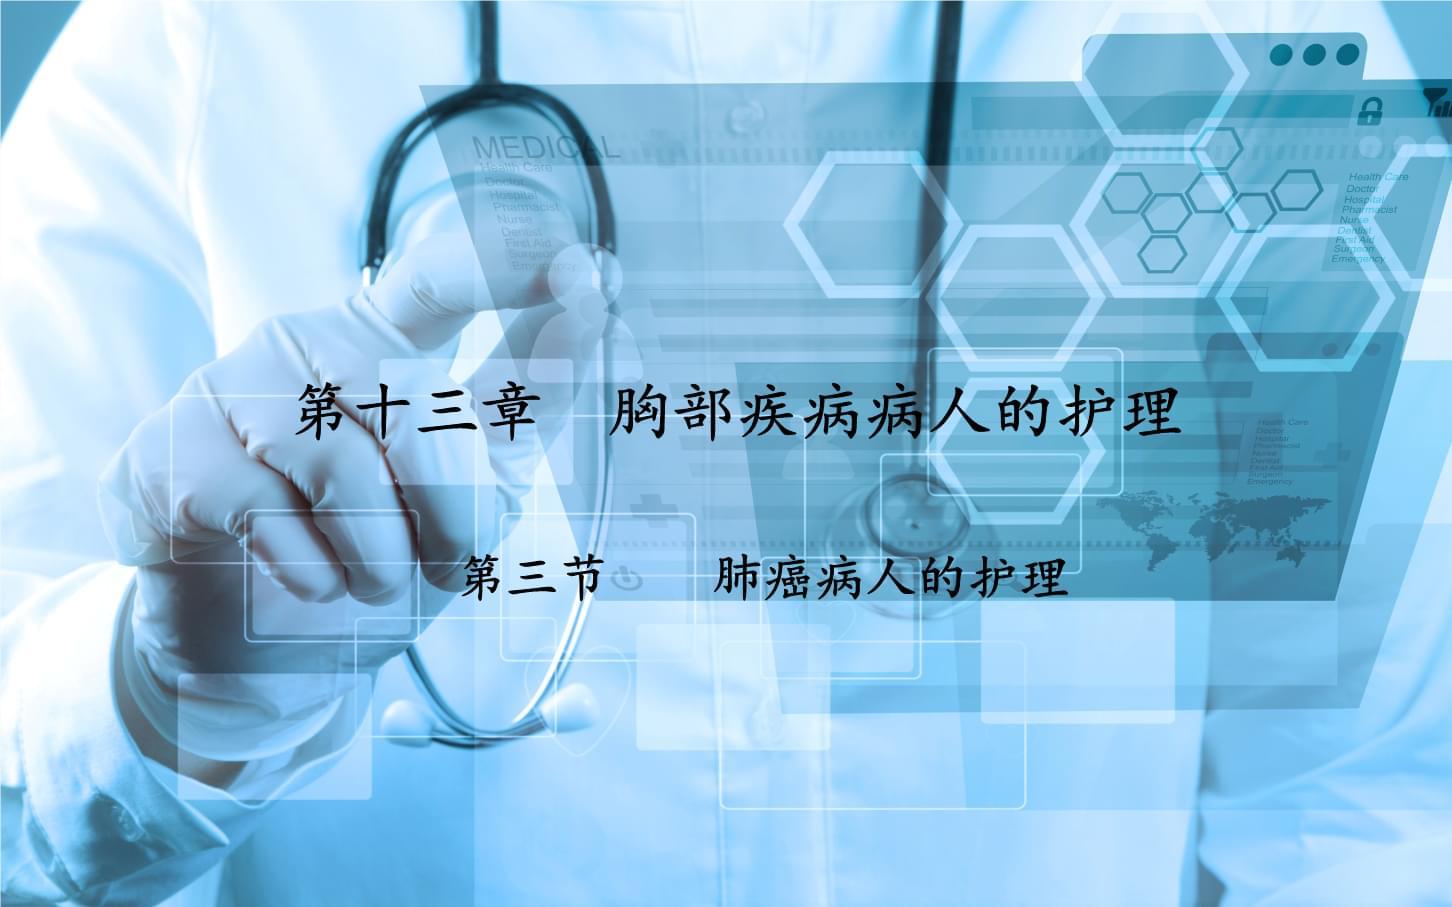 《外科护理》第十三章-第三节-肺癌病人的护理.ppt